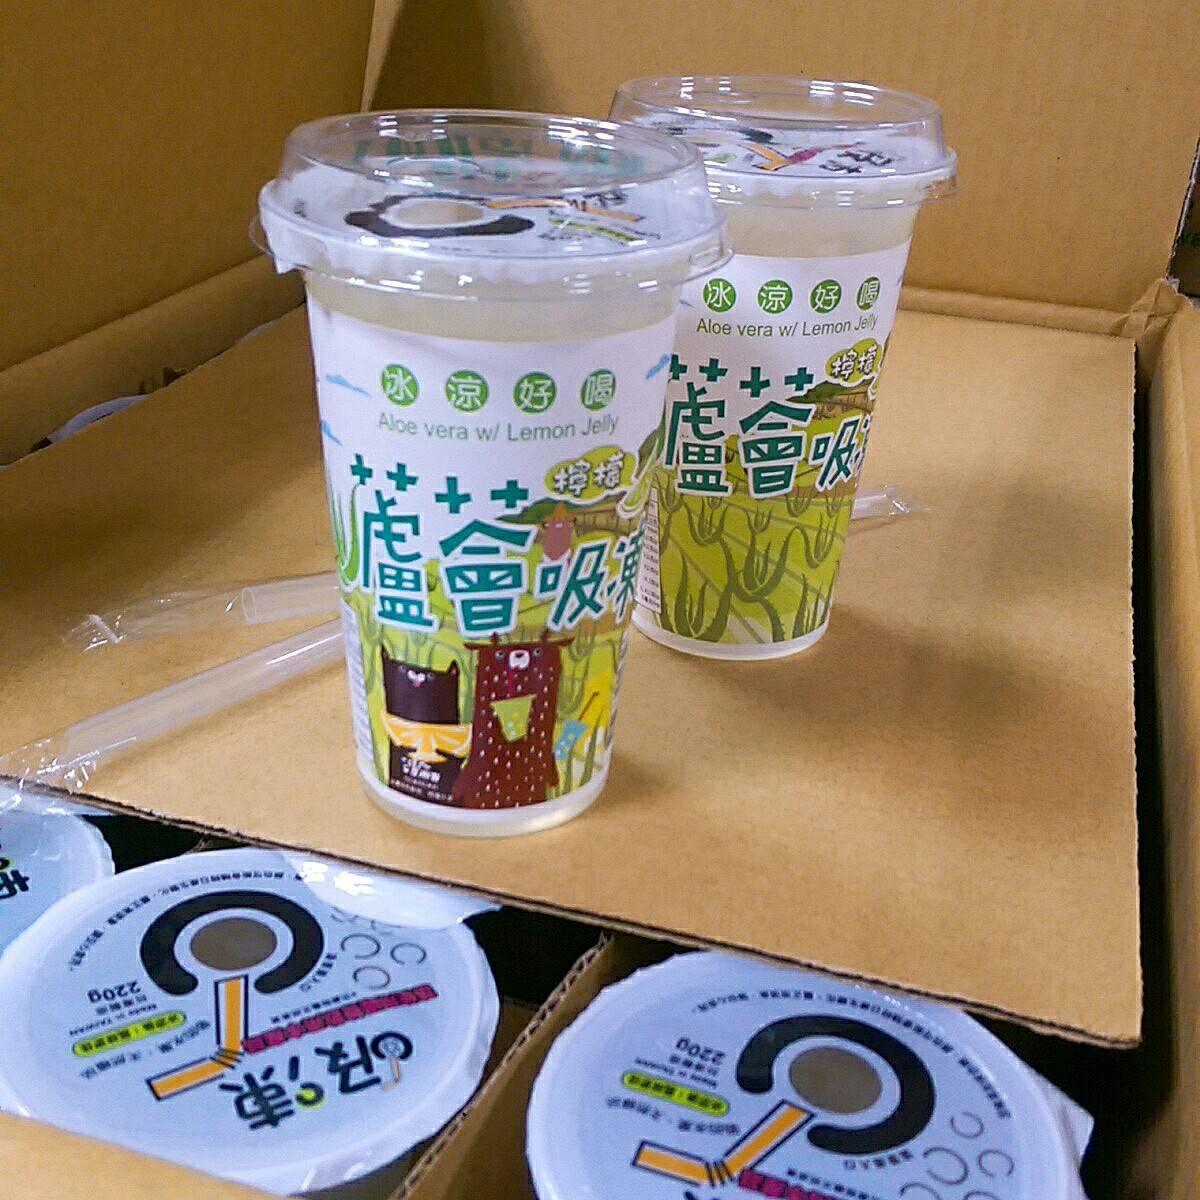 檸檬蘆薈吸凍-220g/杯,24杯/箱